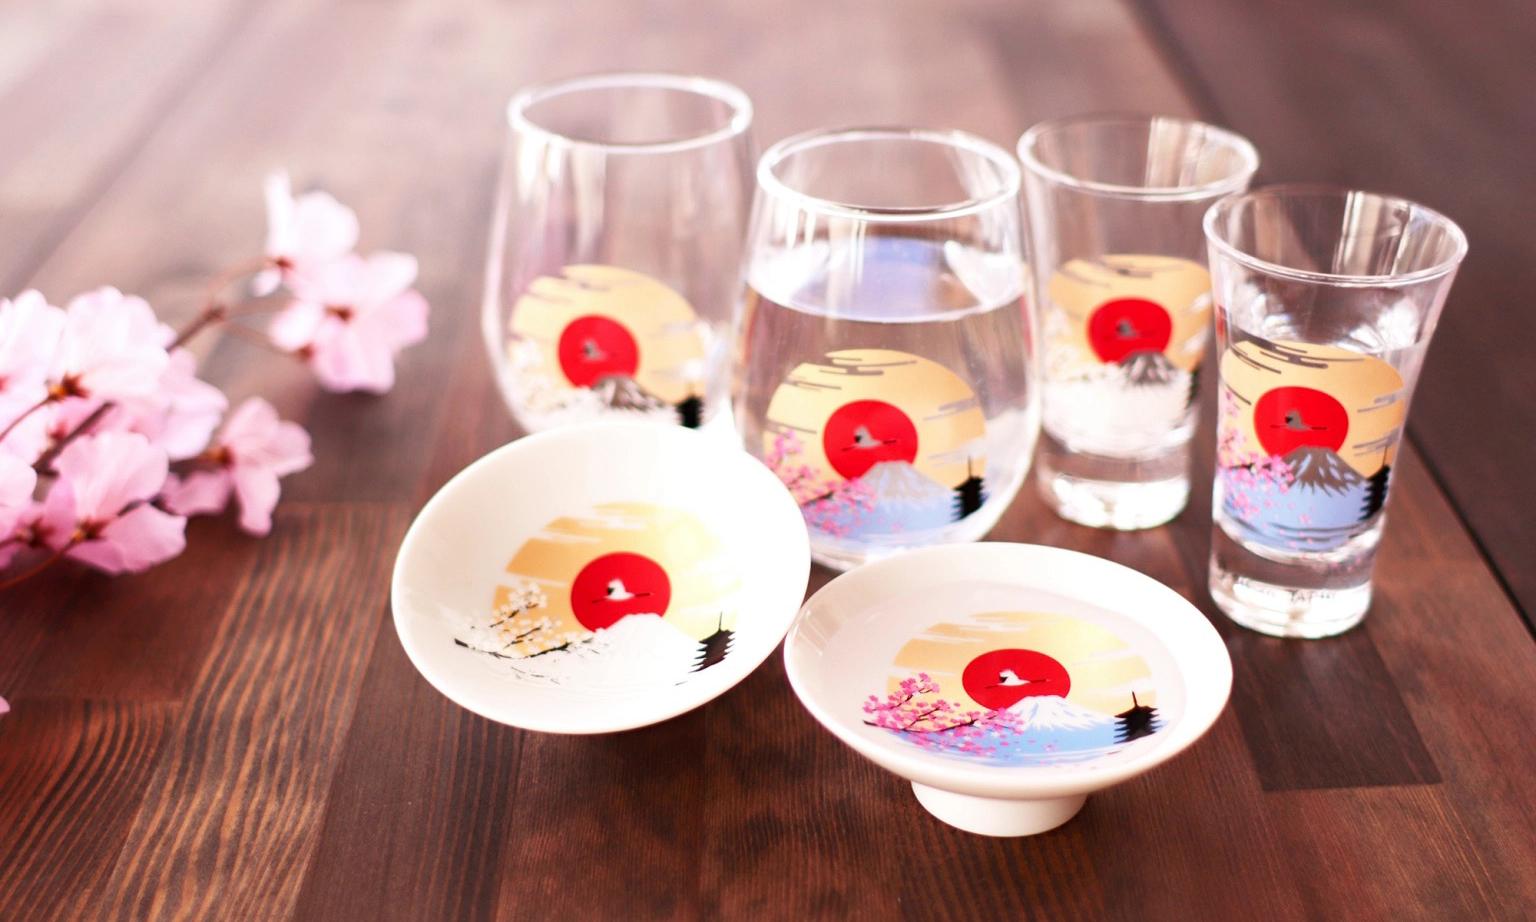 静赏樱花与富士山,日本陶器品牌丸モ高木推出春季餐具系列